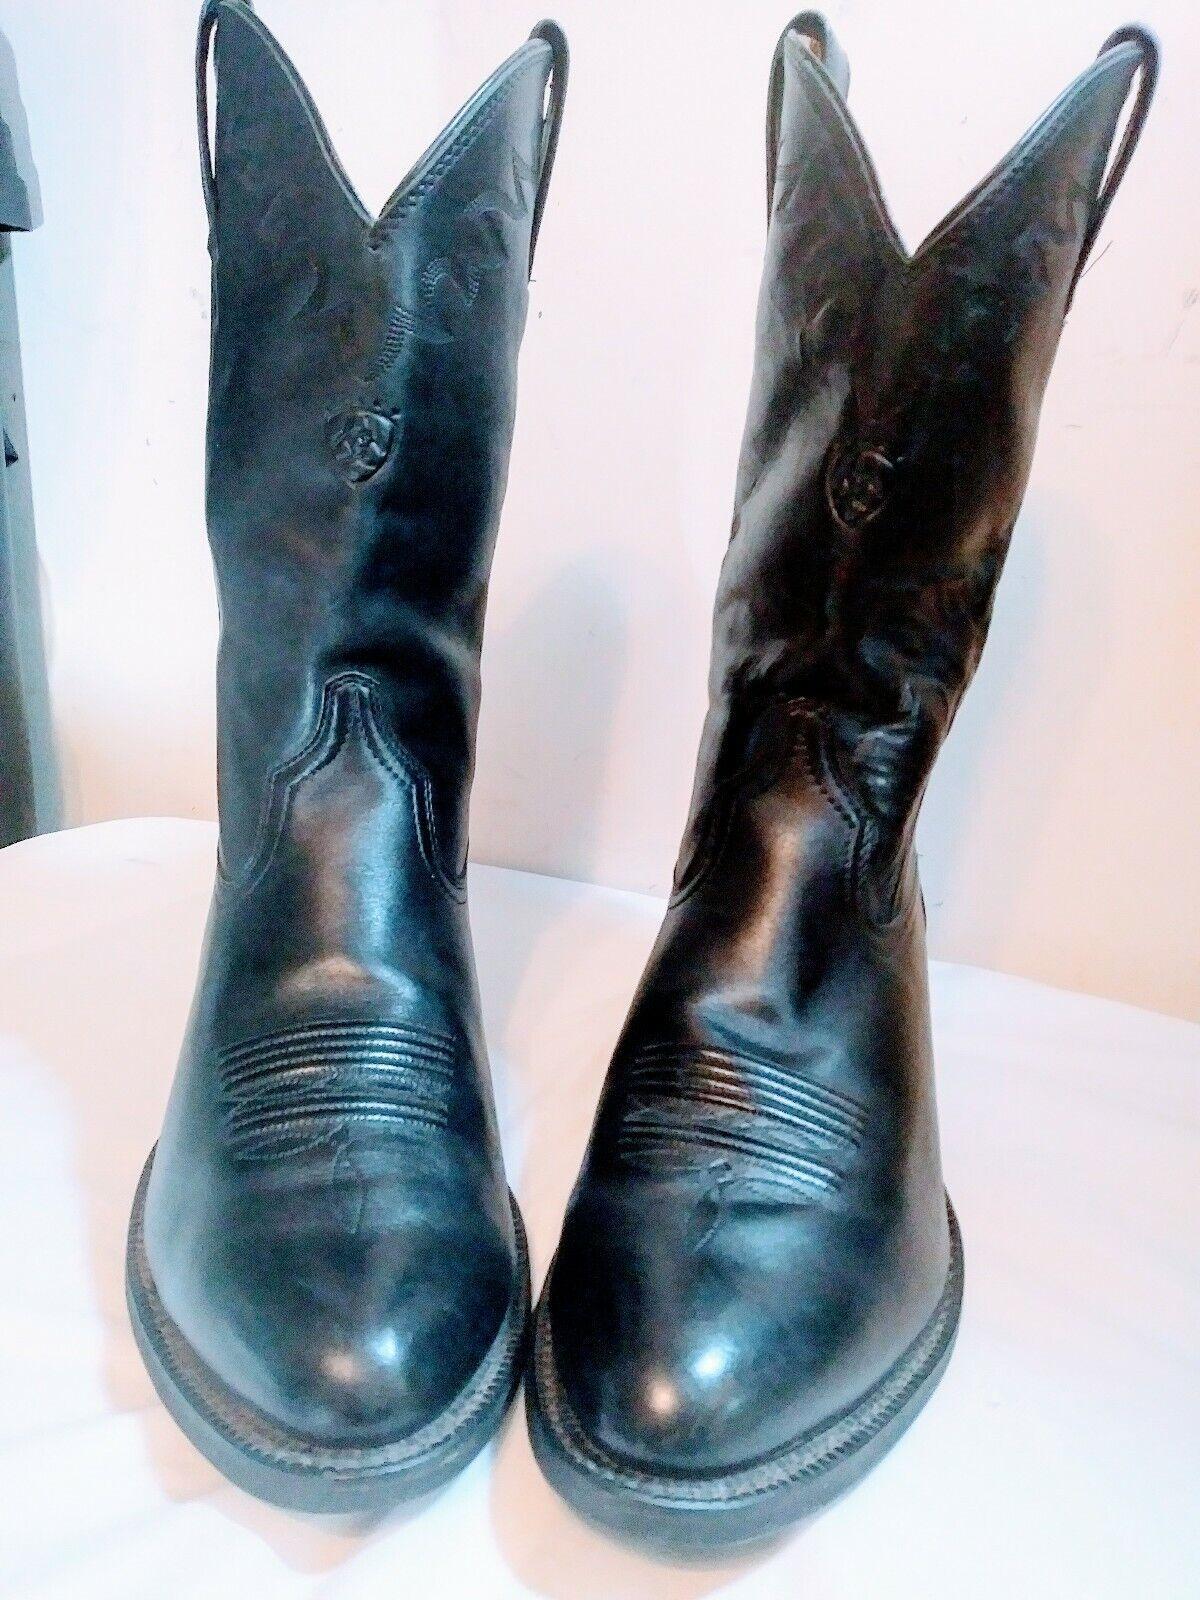 Ariat Heritage 10D pour homme Pleine Fleur Noir en Cuir à Enfiler Western Cowboy bottes